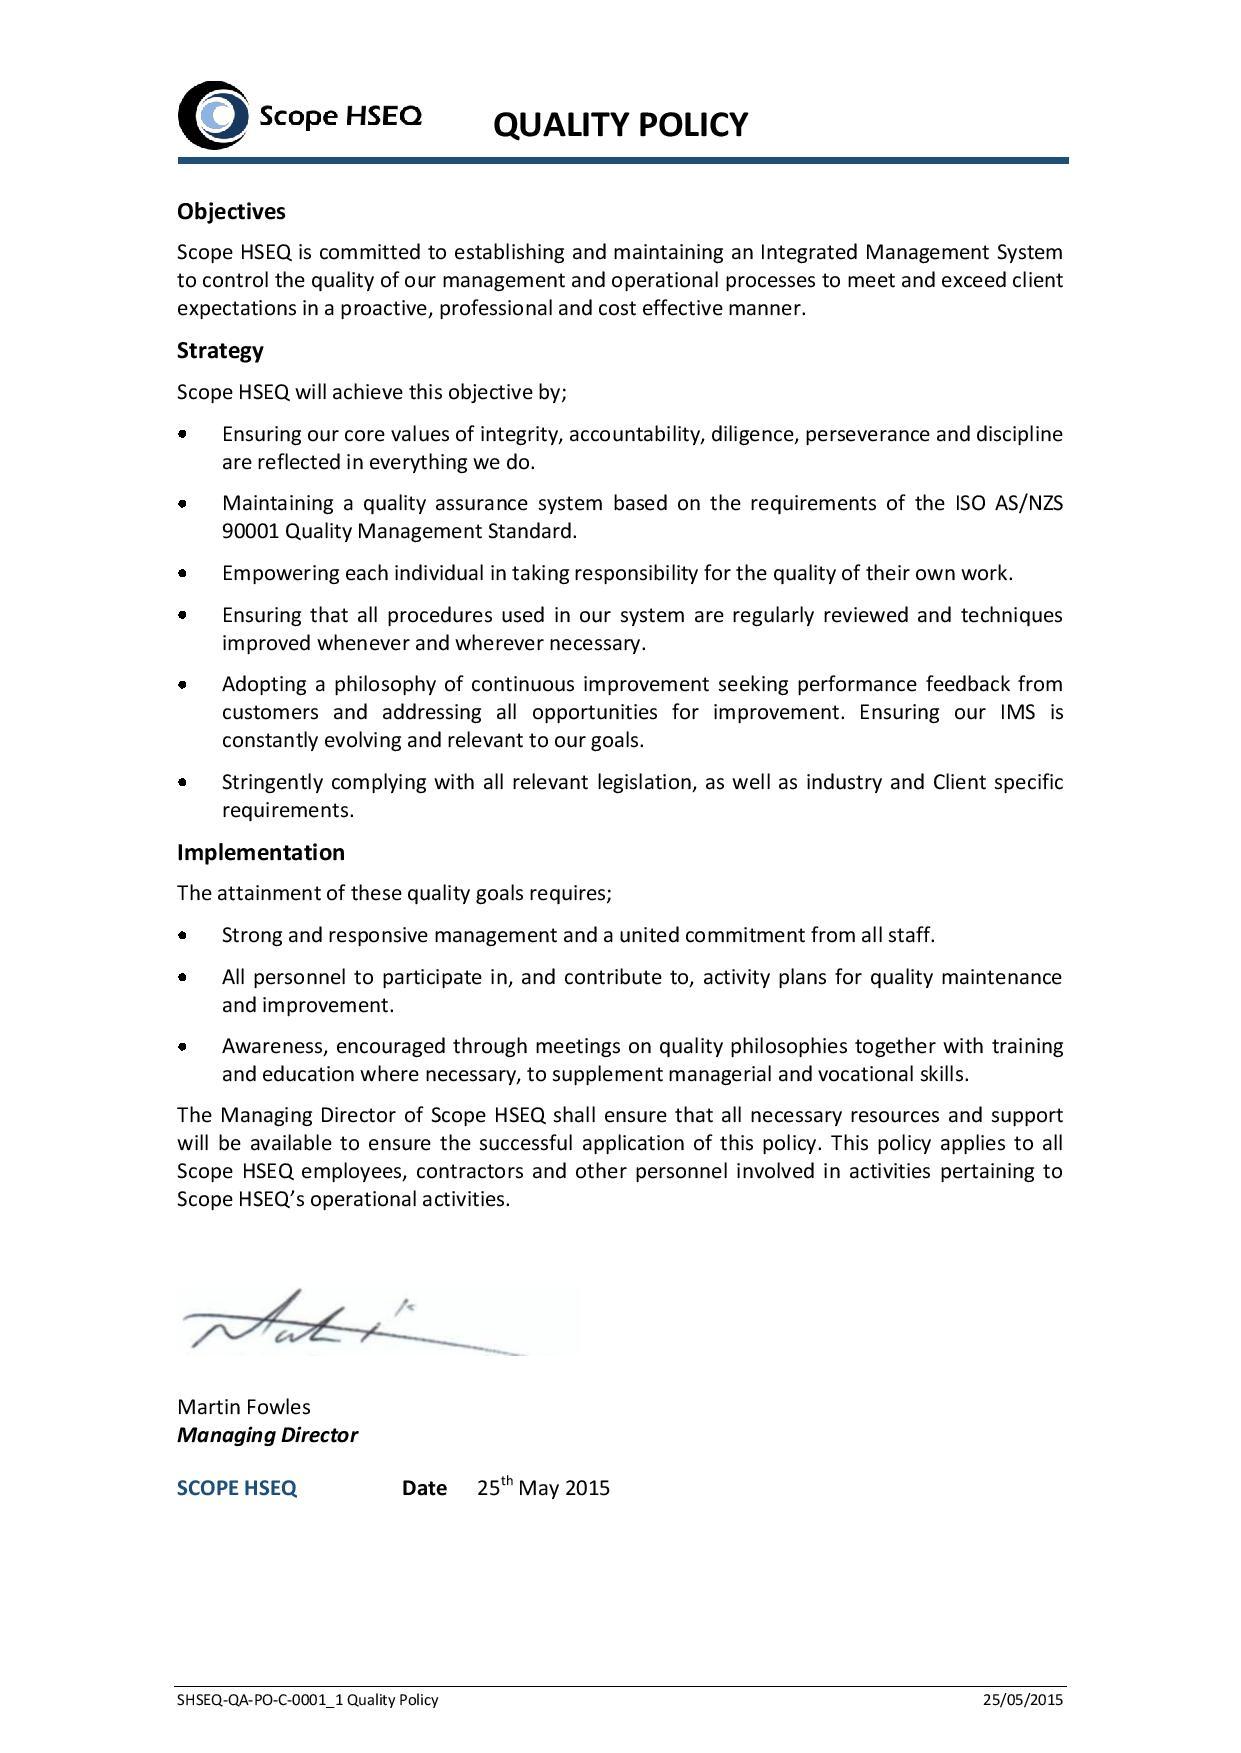 shseq-qa-po-c-0001-1-quality-policy-page-001.jpg